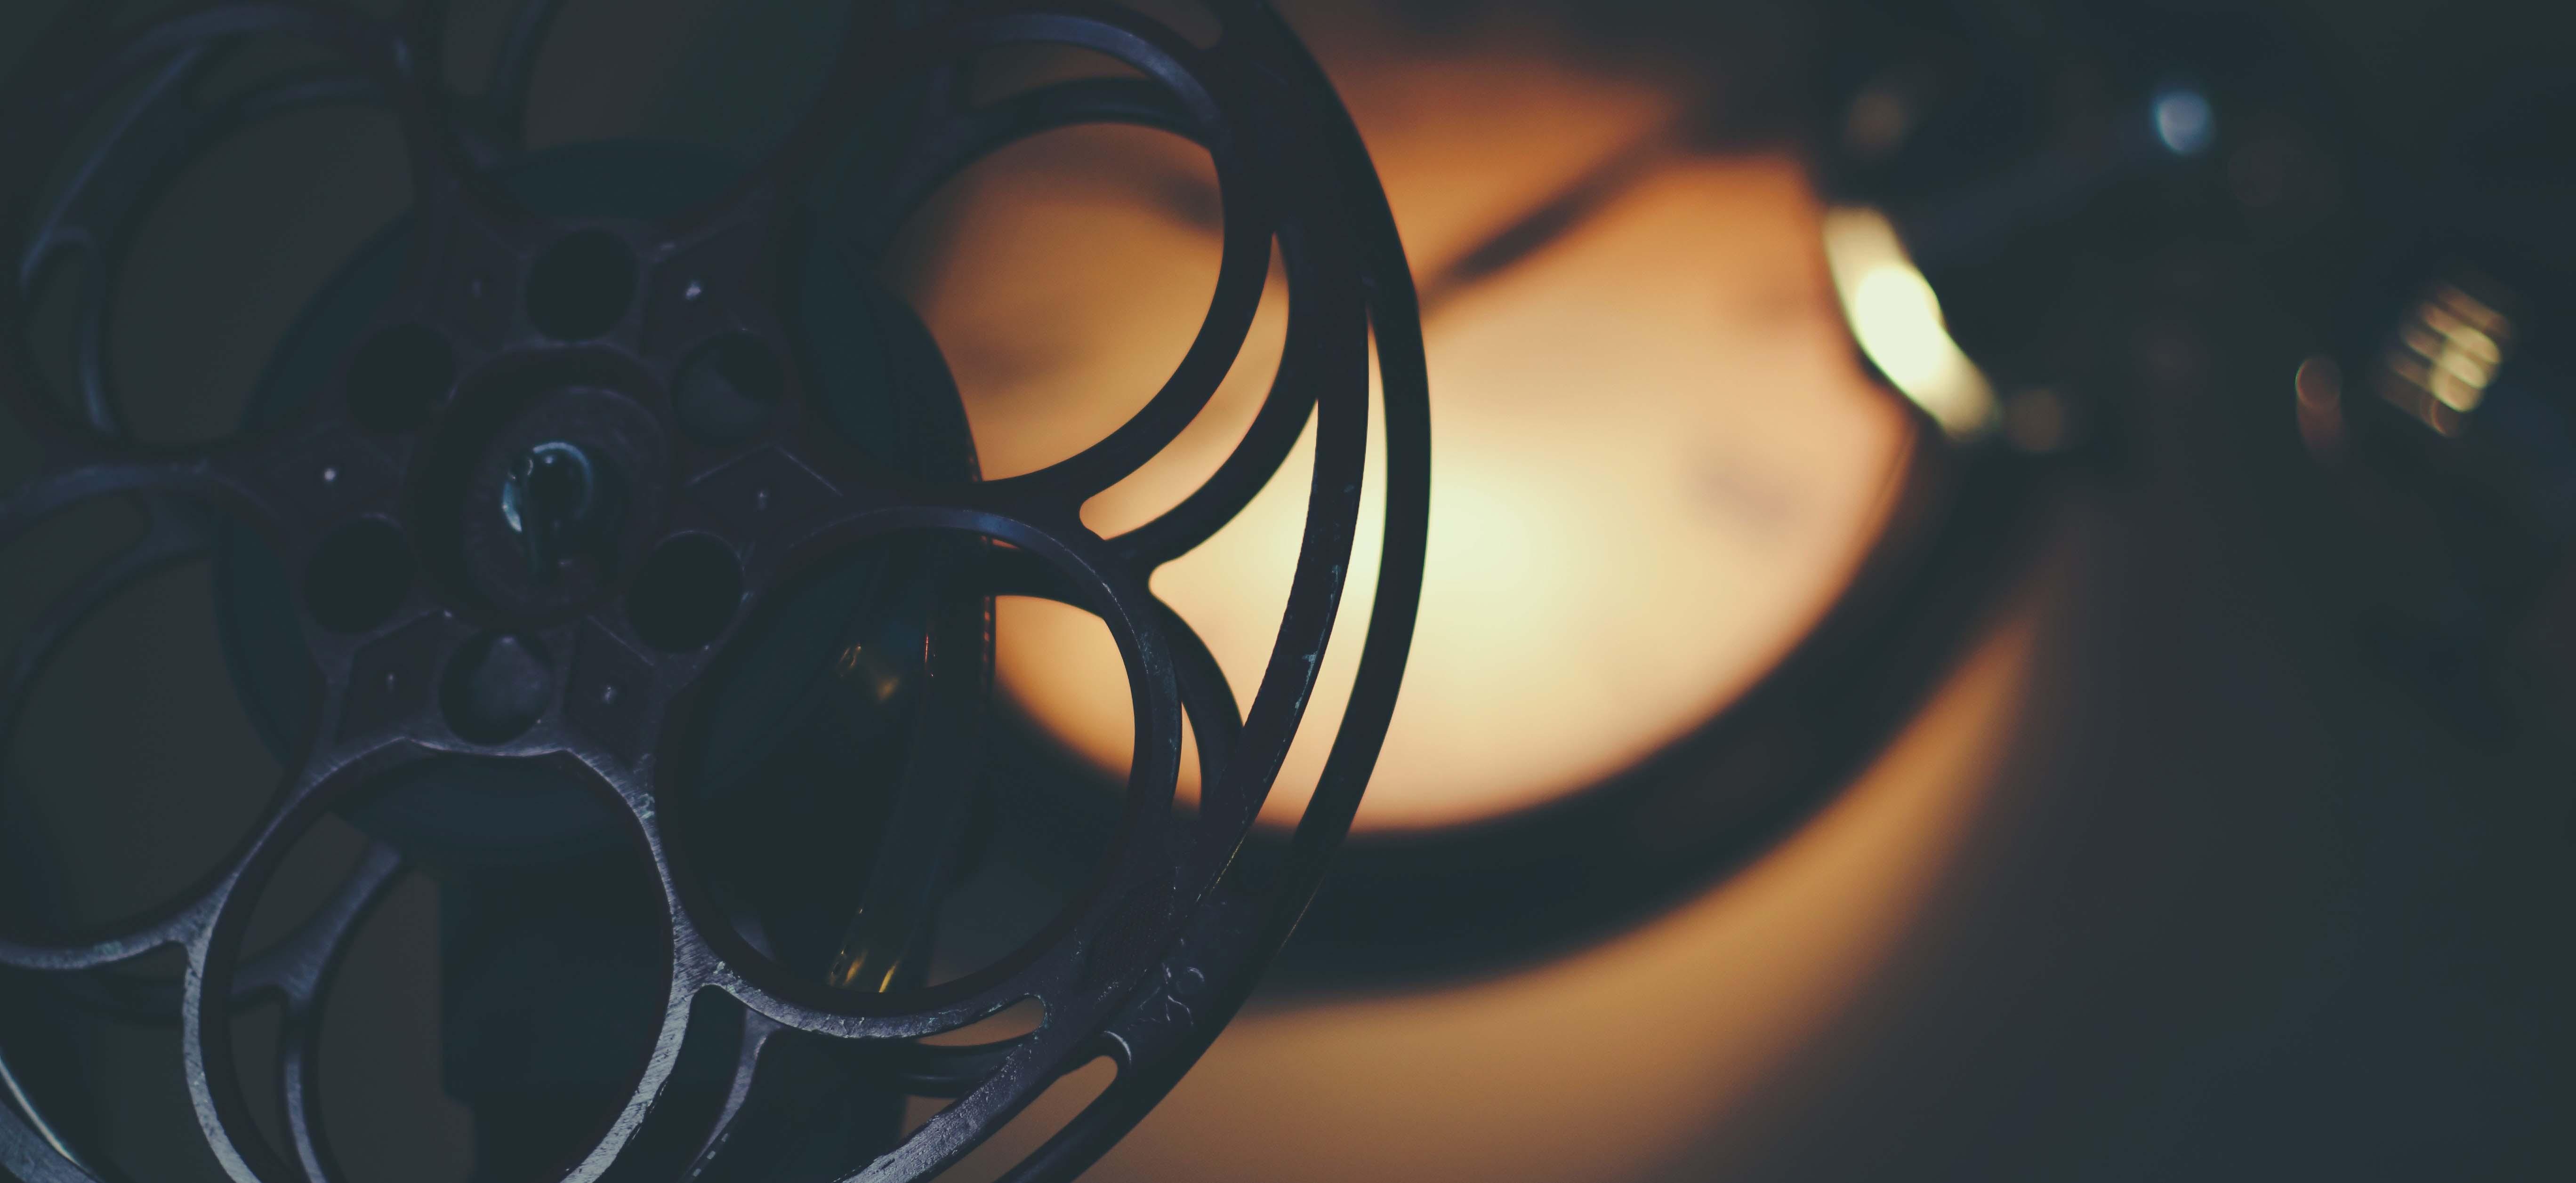 Old Retro Film Reel